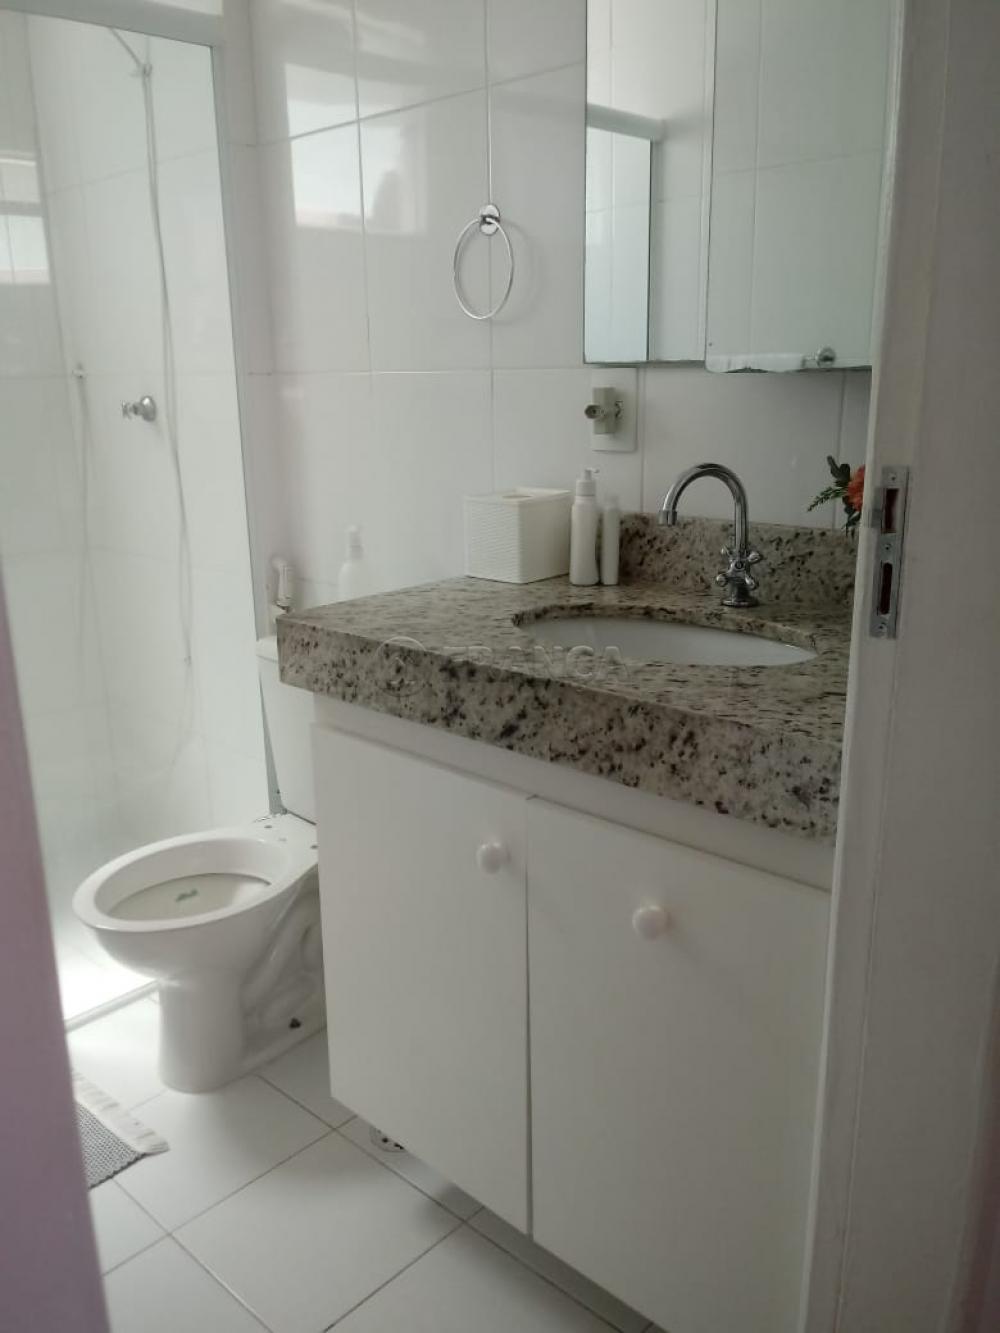 Comprar Apartamento / Padrão em São José dos Campos apenas R$ 202.000,00 - Foto 16